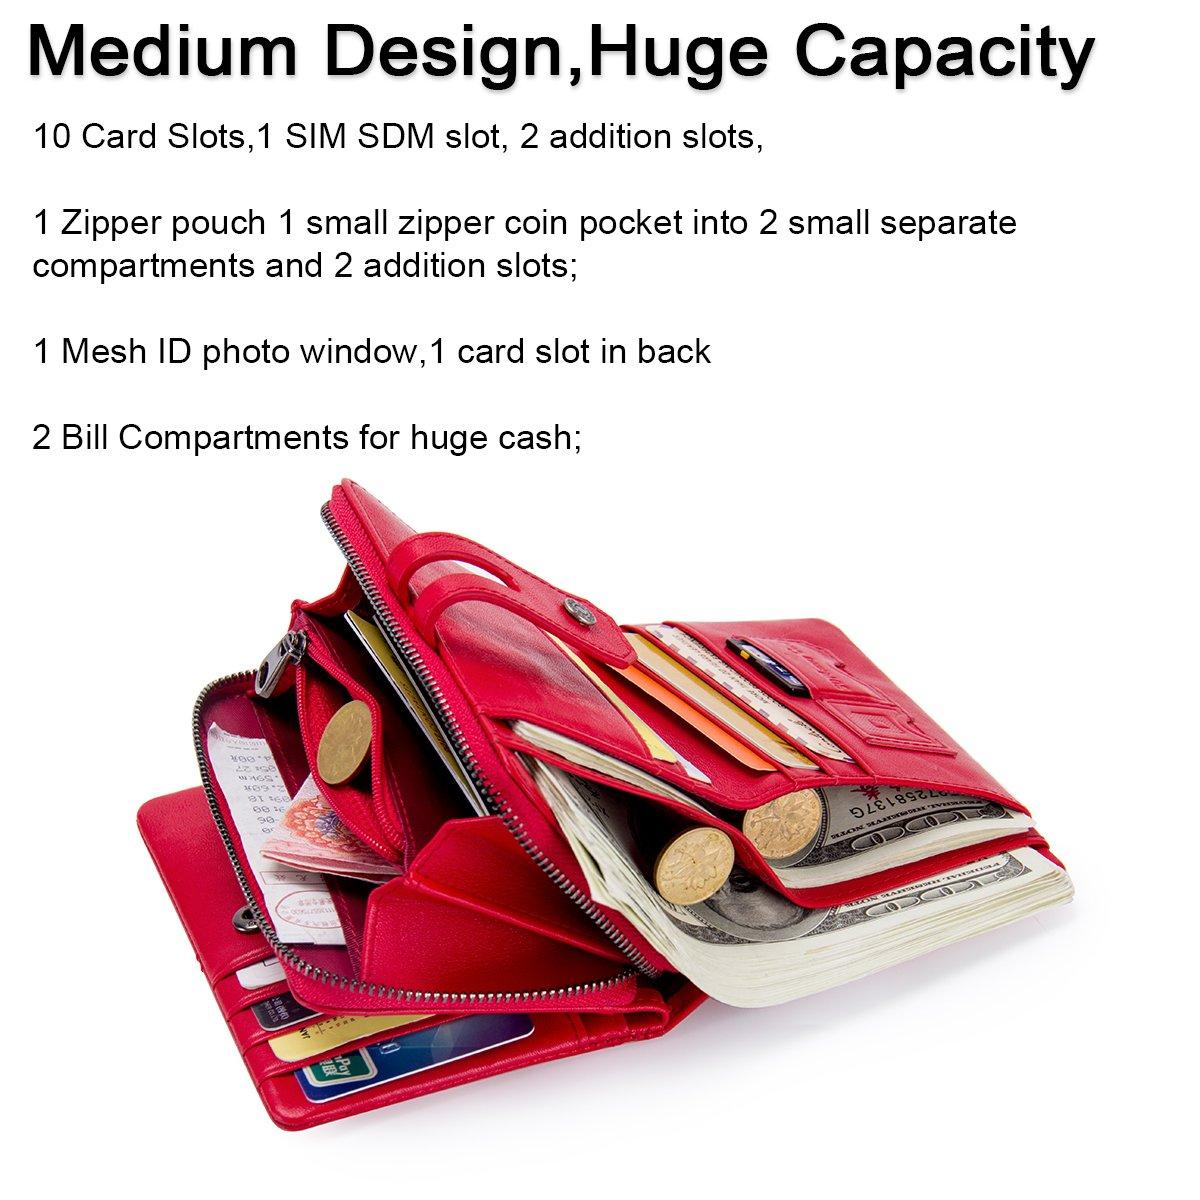 rouge Contacts Les femmes en cuir v/éritable carte didentit/é porte-monnaie embrayage sac /à main /à glissi/ère portefeuille